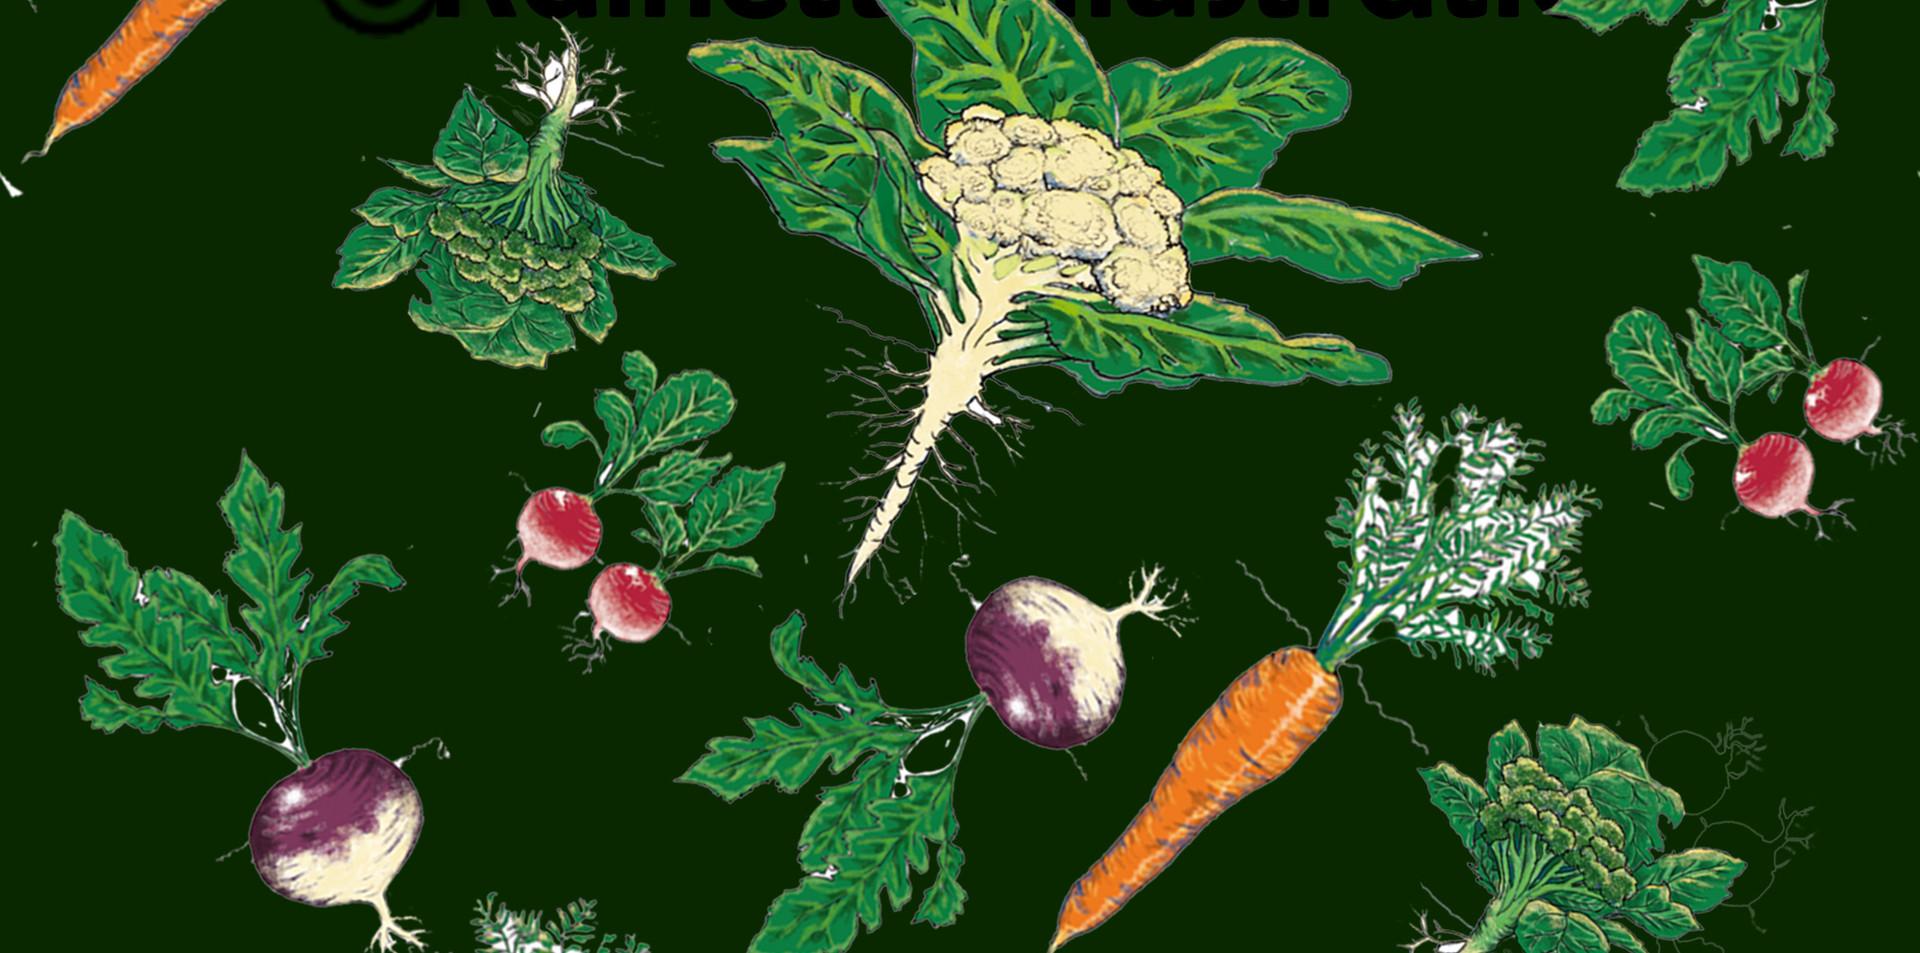 vegetables fond noir pour motif.jpg